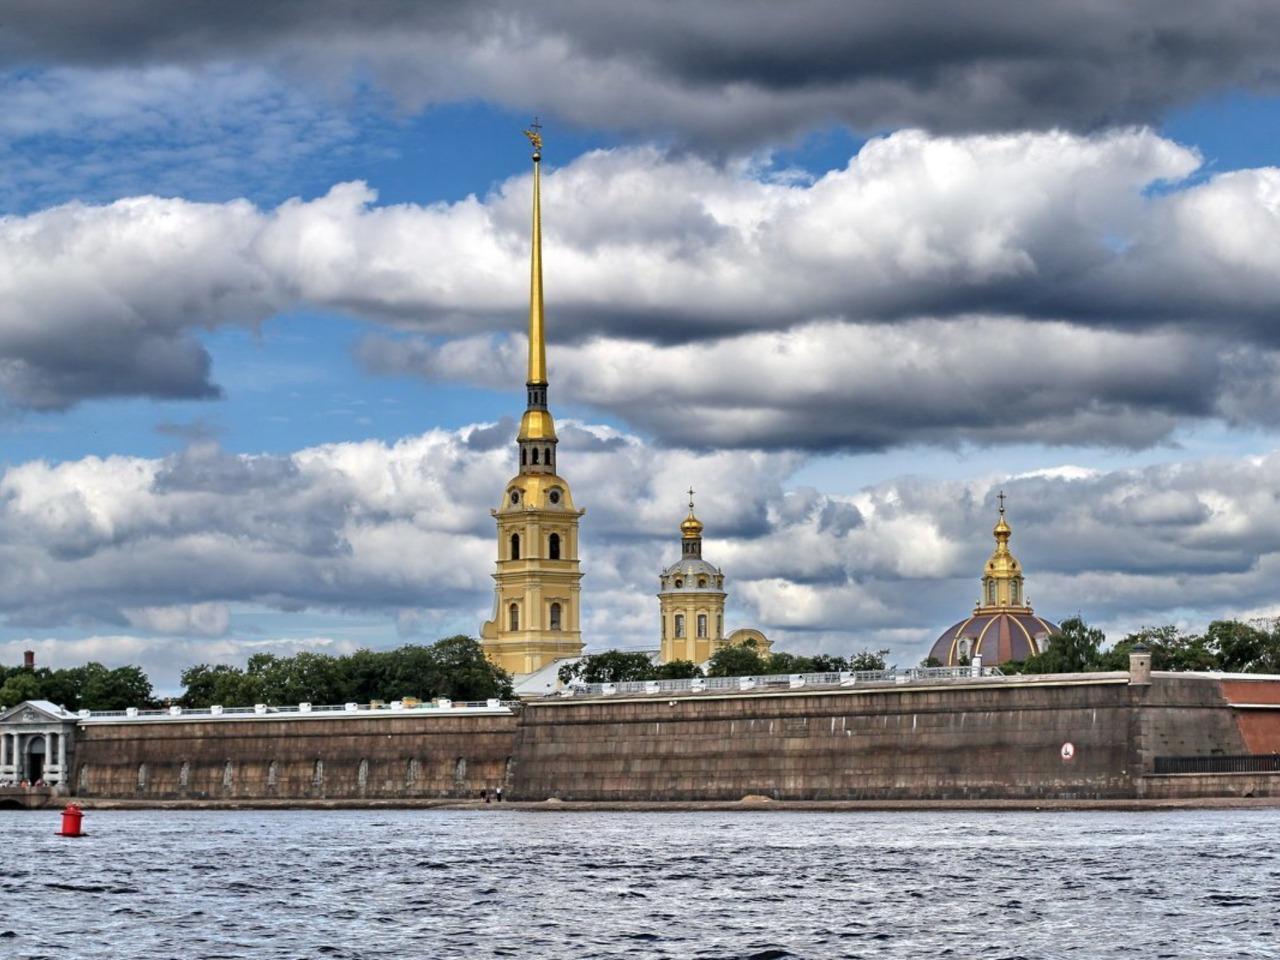 Викторина-квест по Петропавловской крепости  - индивидуальная экскурсия по Санкт-Петербургу от опытного гида